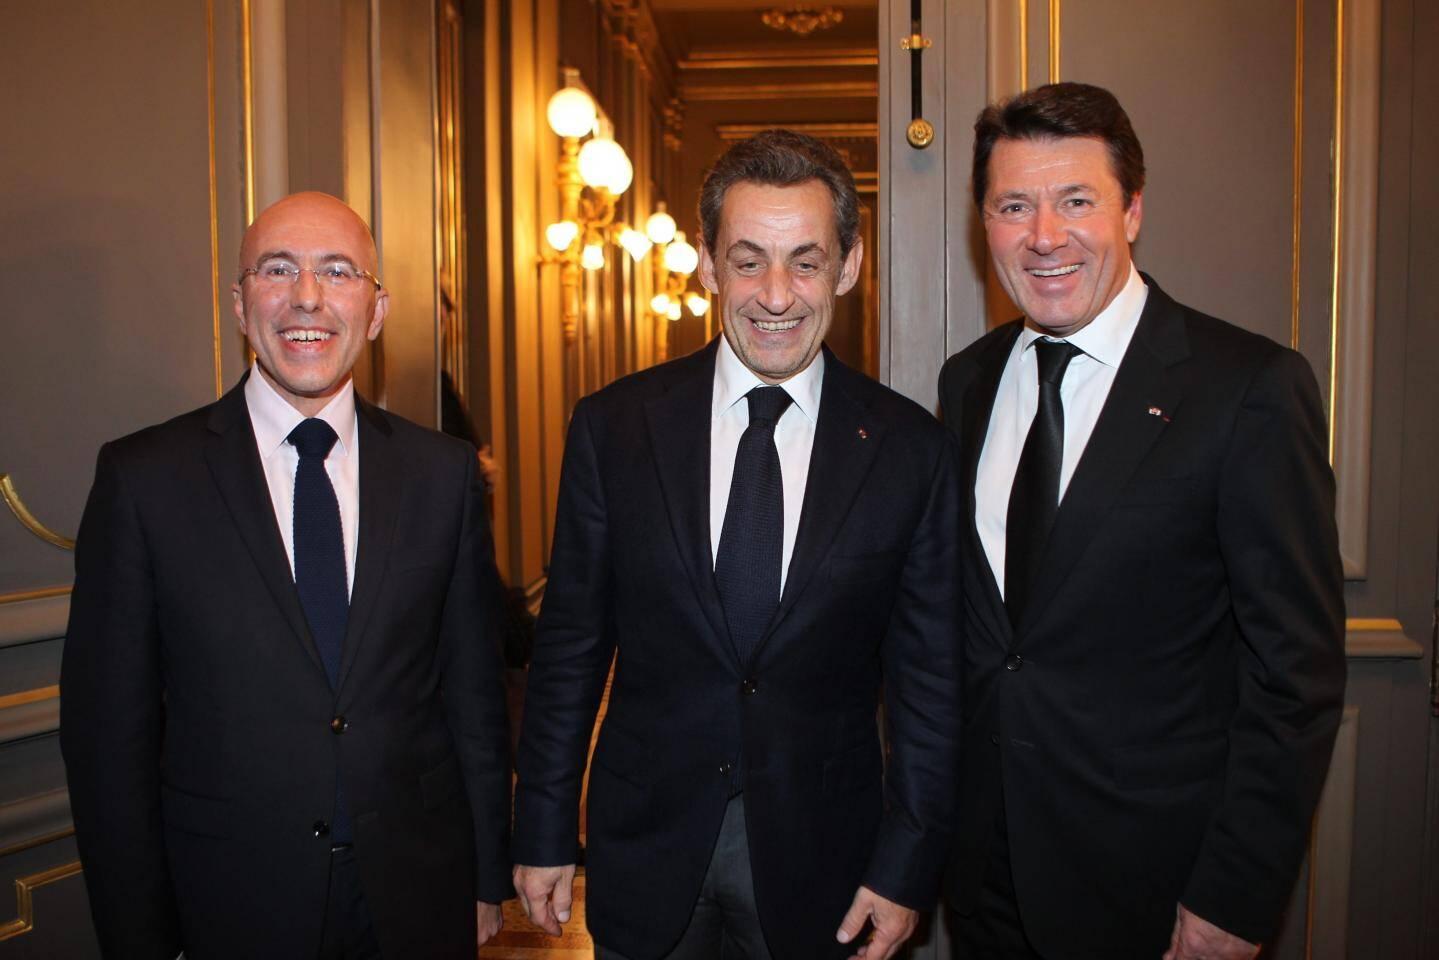 En 2013, les députés Christian Estrosi et Eric Ciotti avec Nicolas Sarkozy à Monaco.